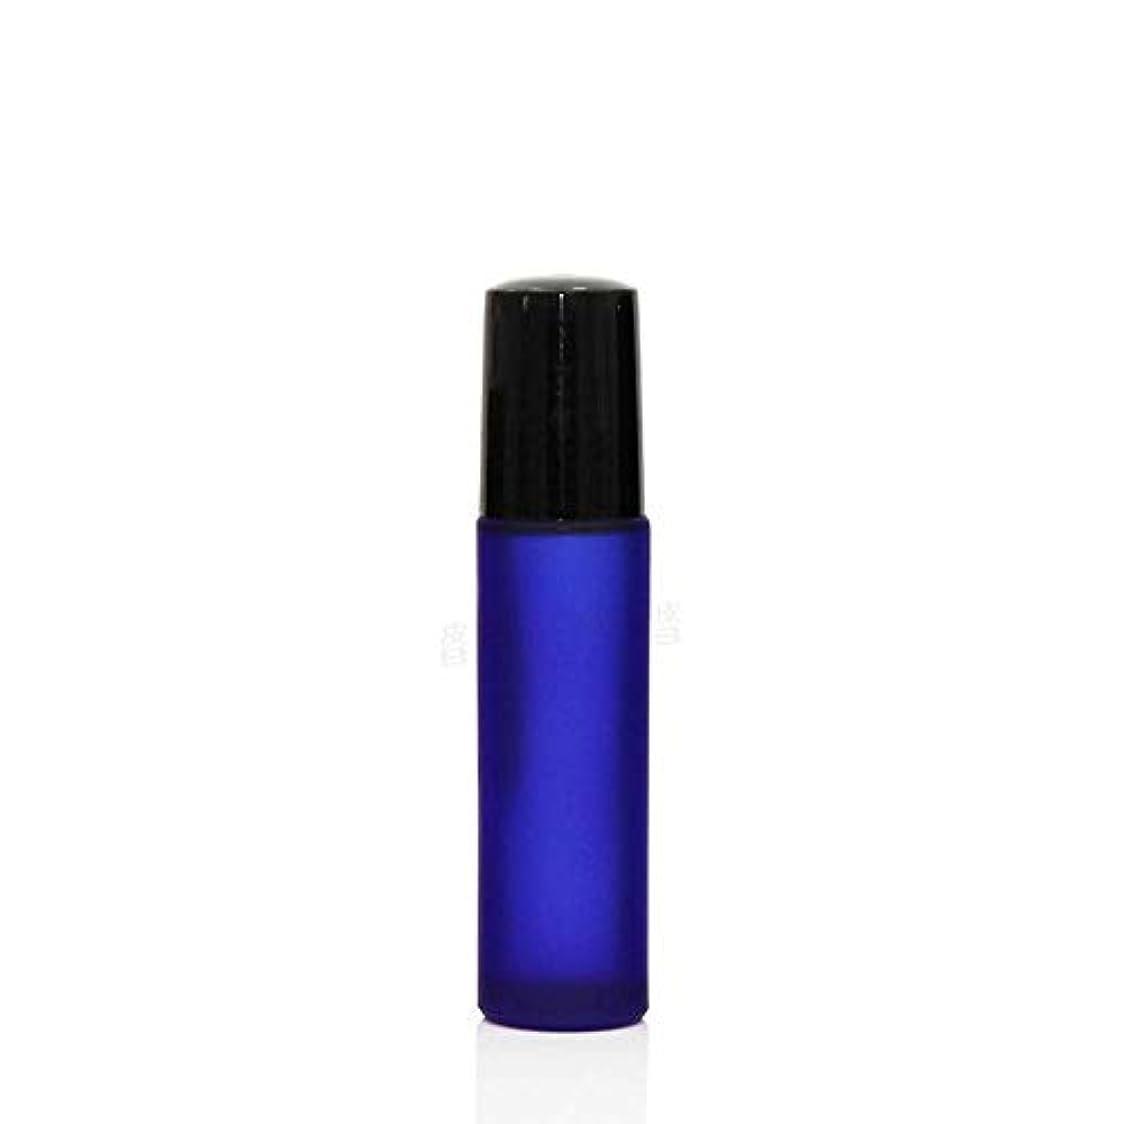 近傍没頭するに対応するSimg ロールオンボトル アロマオイル 精油 小分け用 遮光瓶 10ml 10本セット ガラスロールタイプ (ブルー)